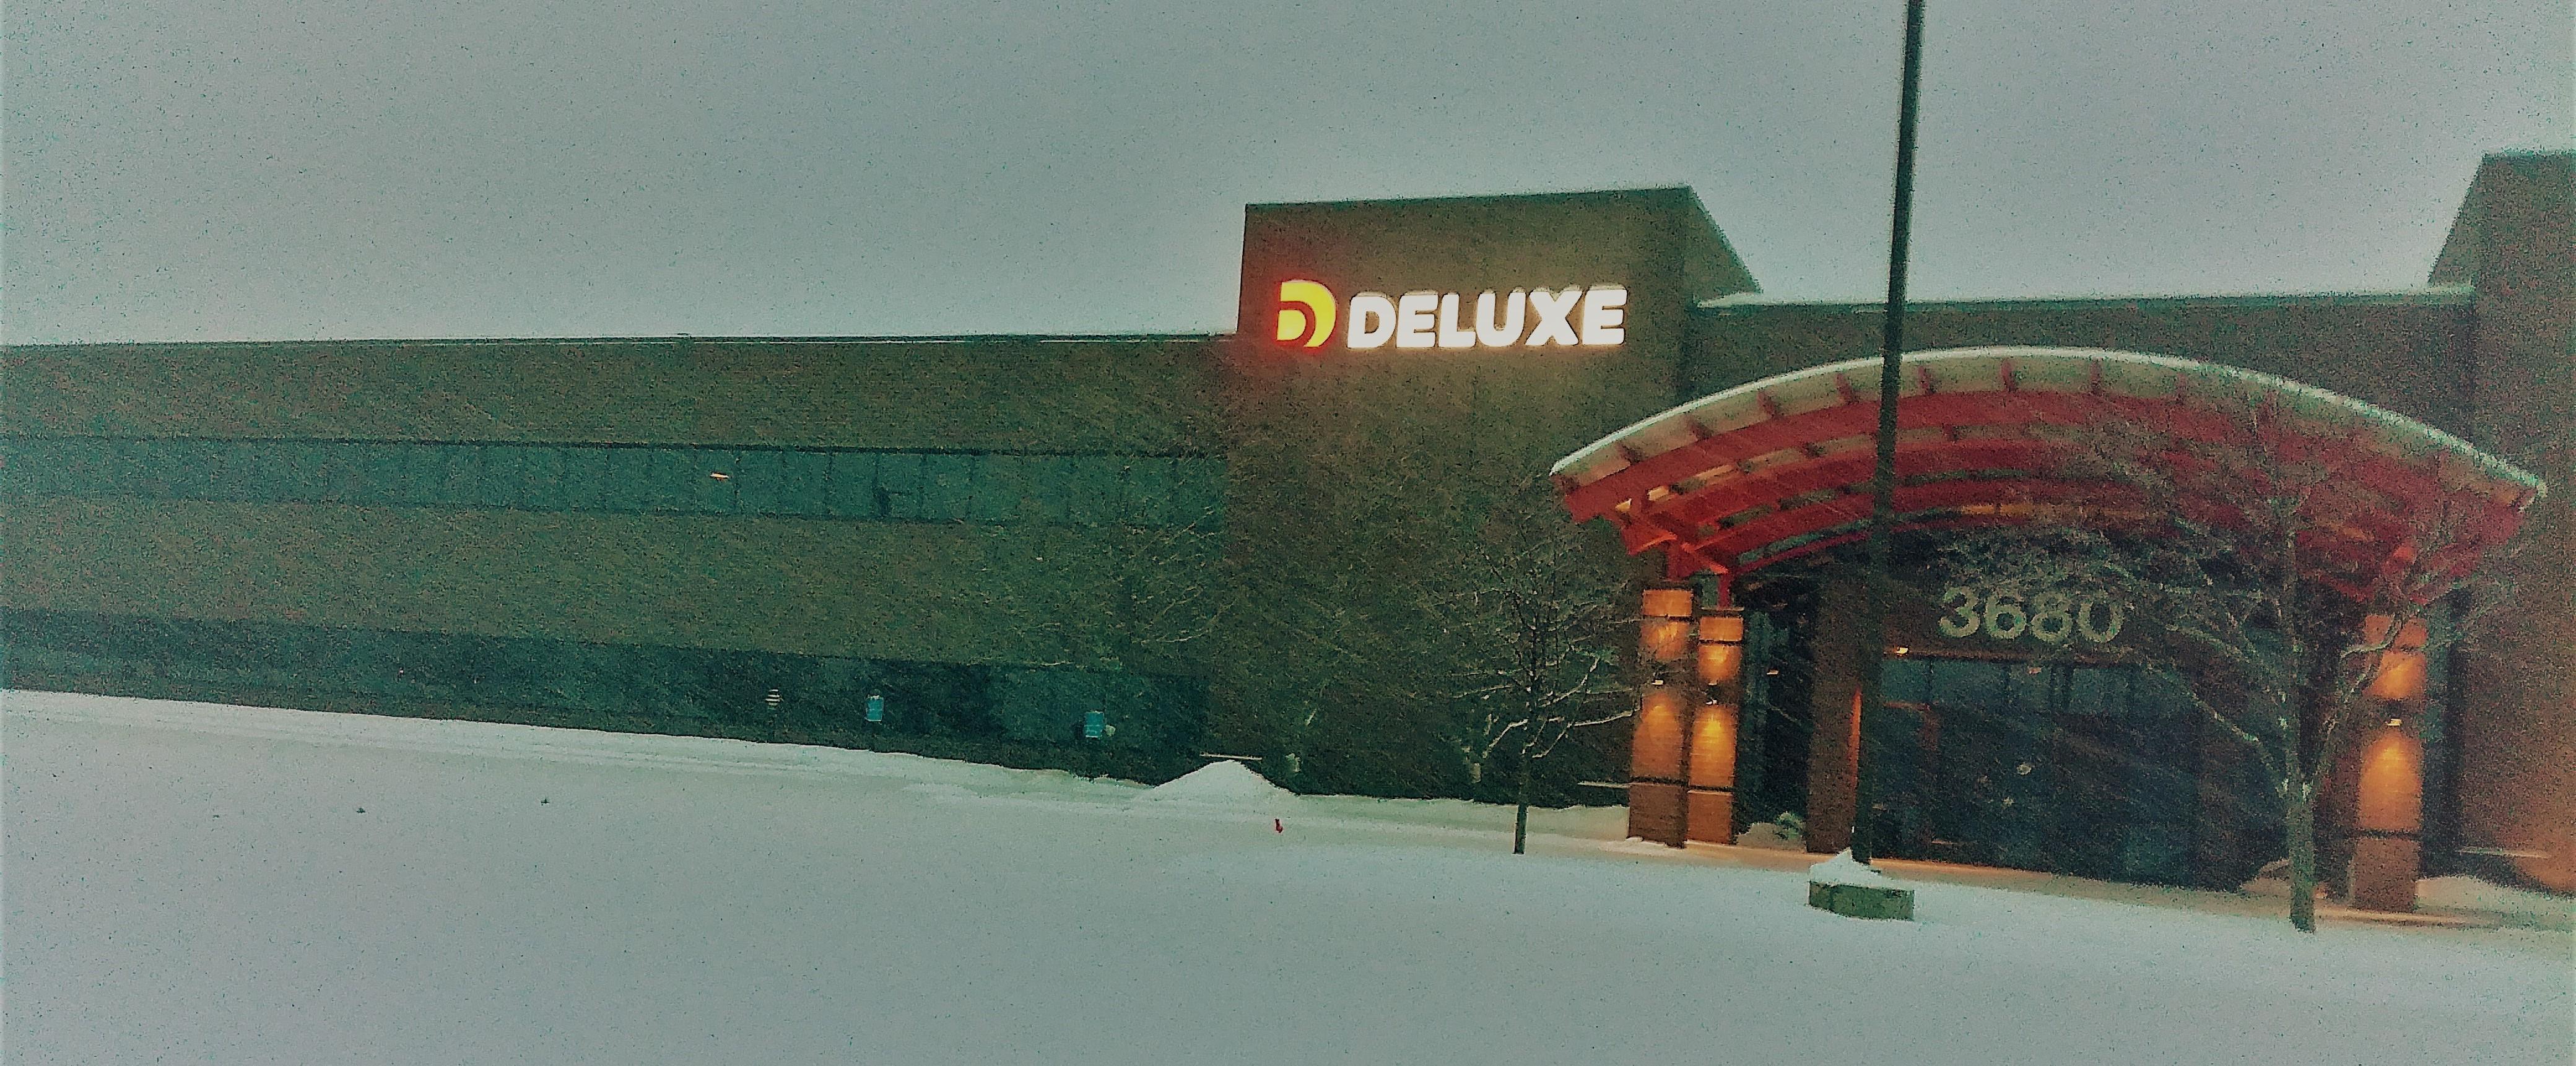 Deluxe building